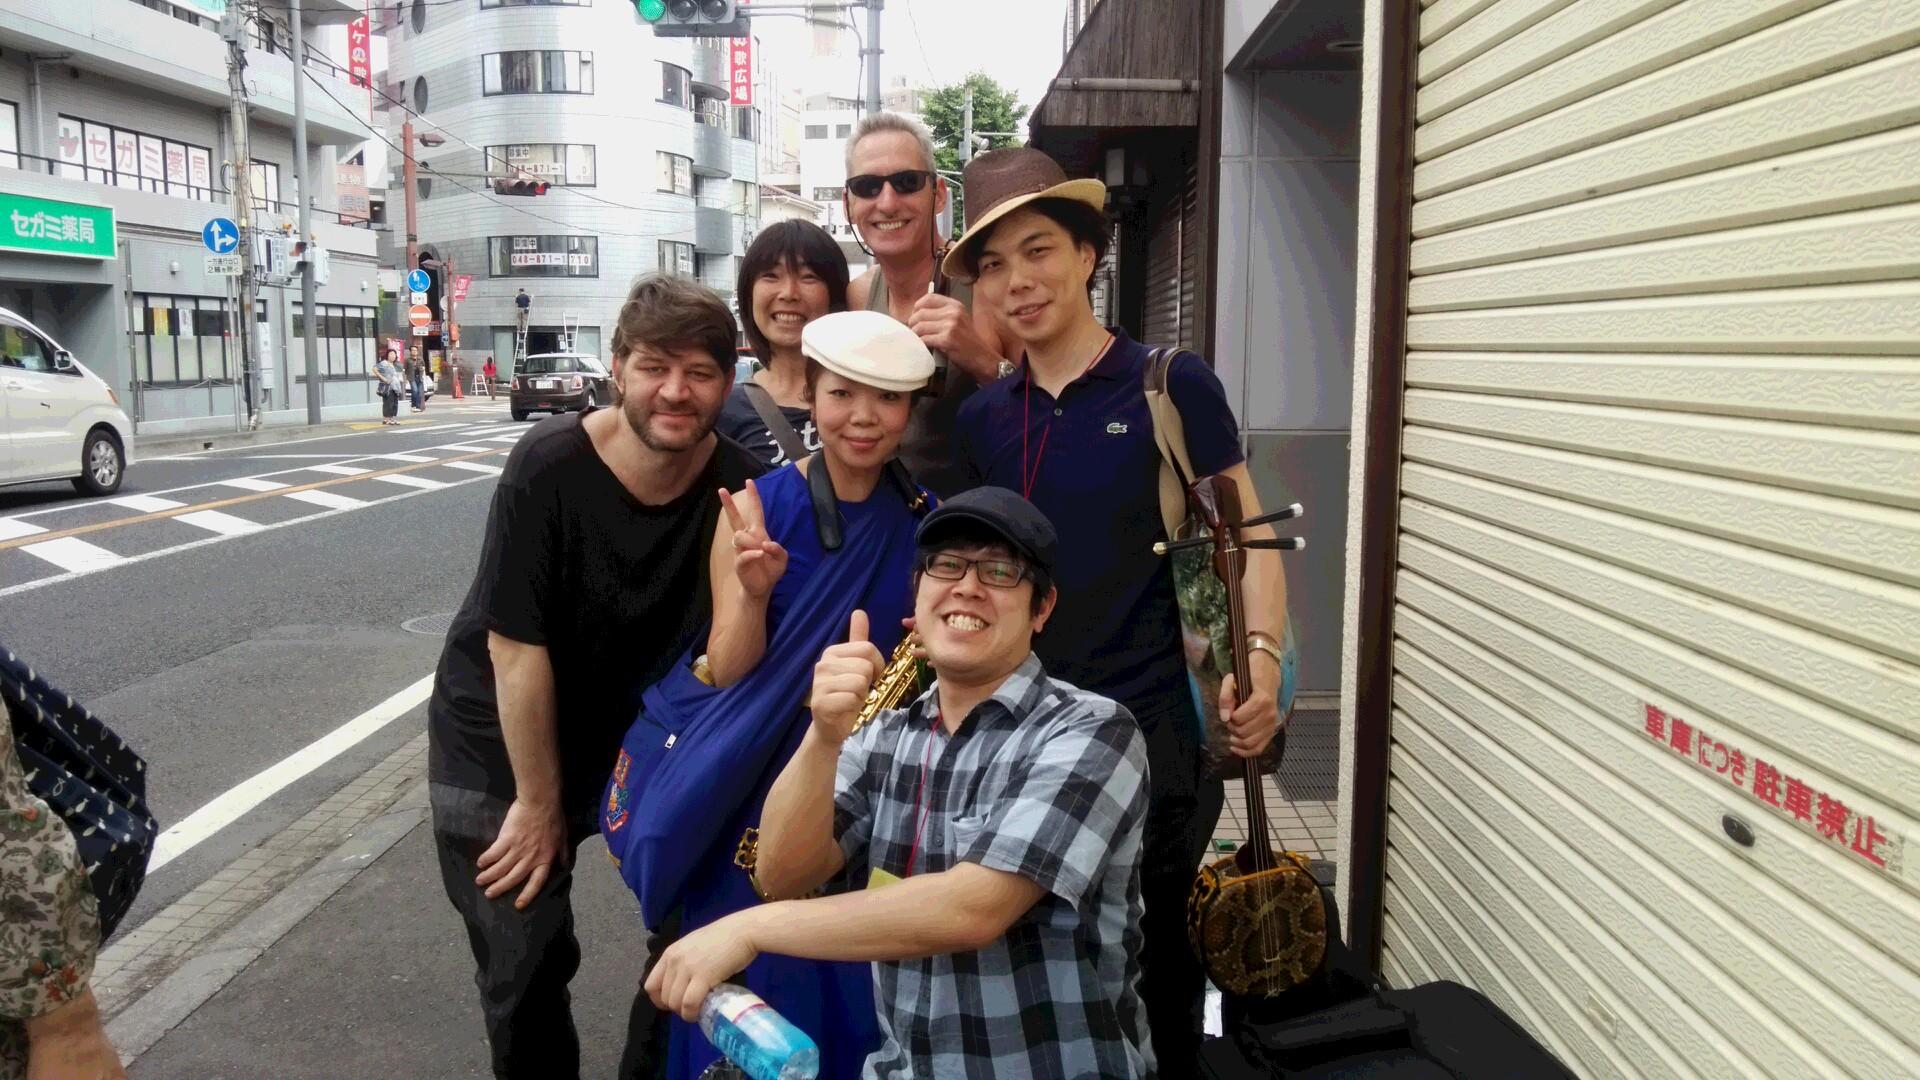 北浦和swing festival vol, 10ありがとうございました★syunrai. 春雷初登場~こっそりちくわとなみこ